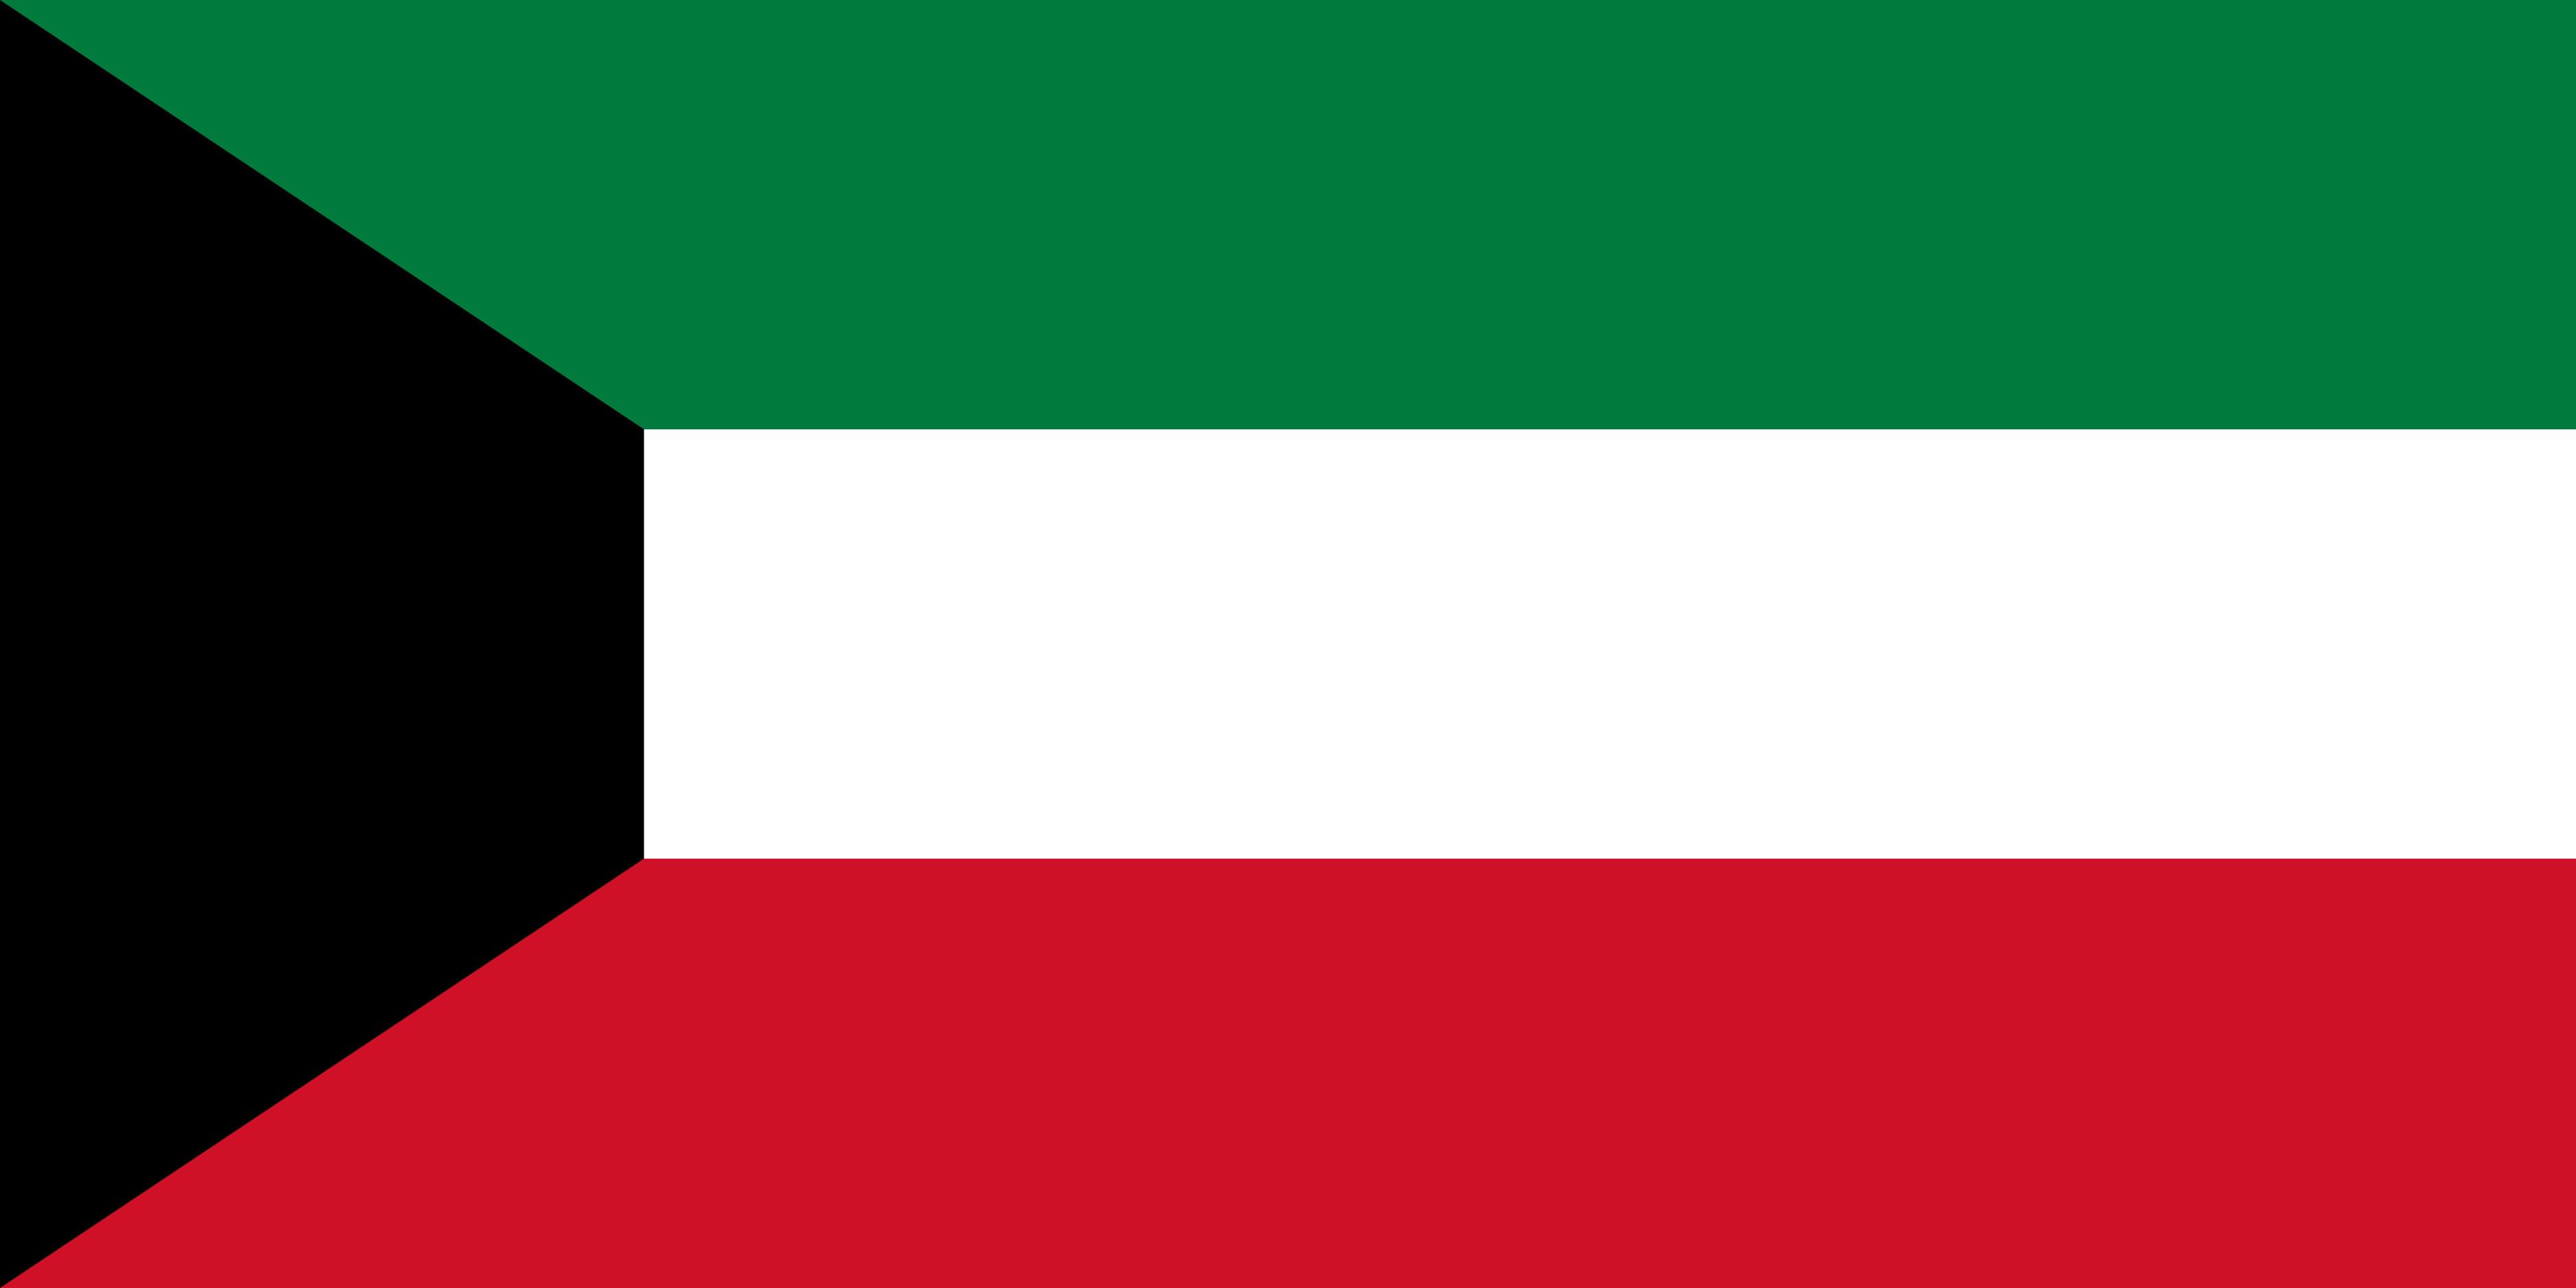 Kuwait Flag Colours